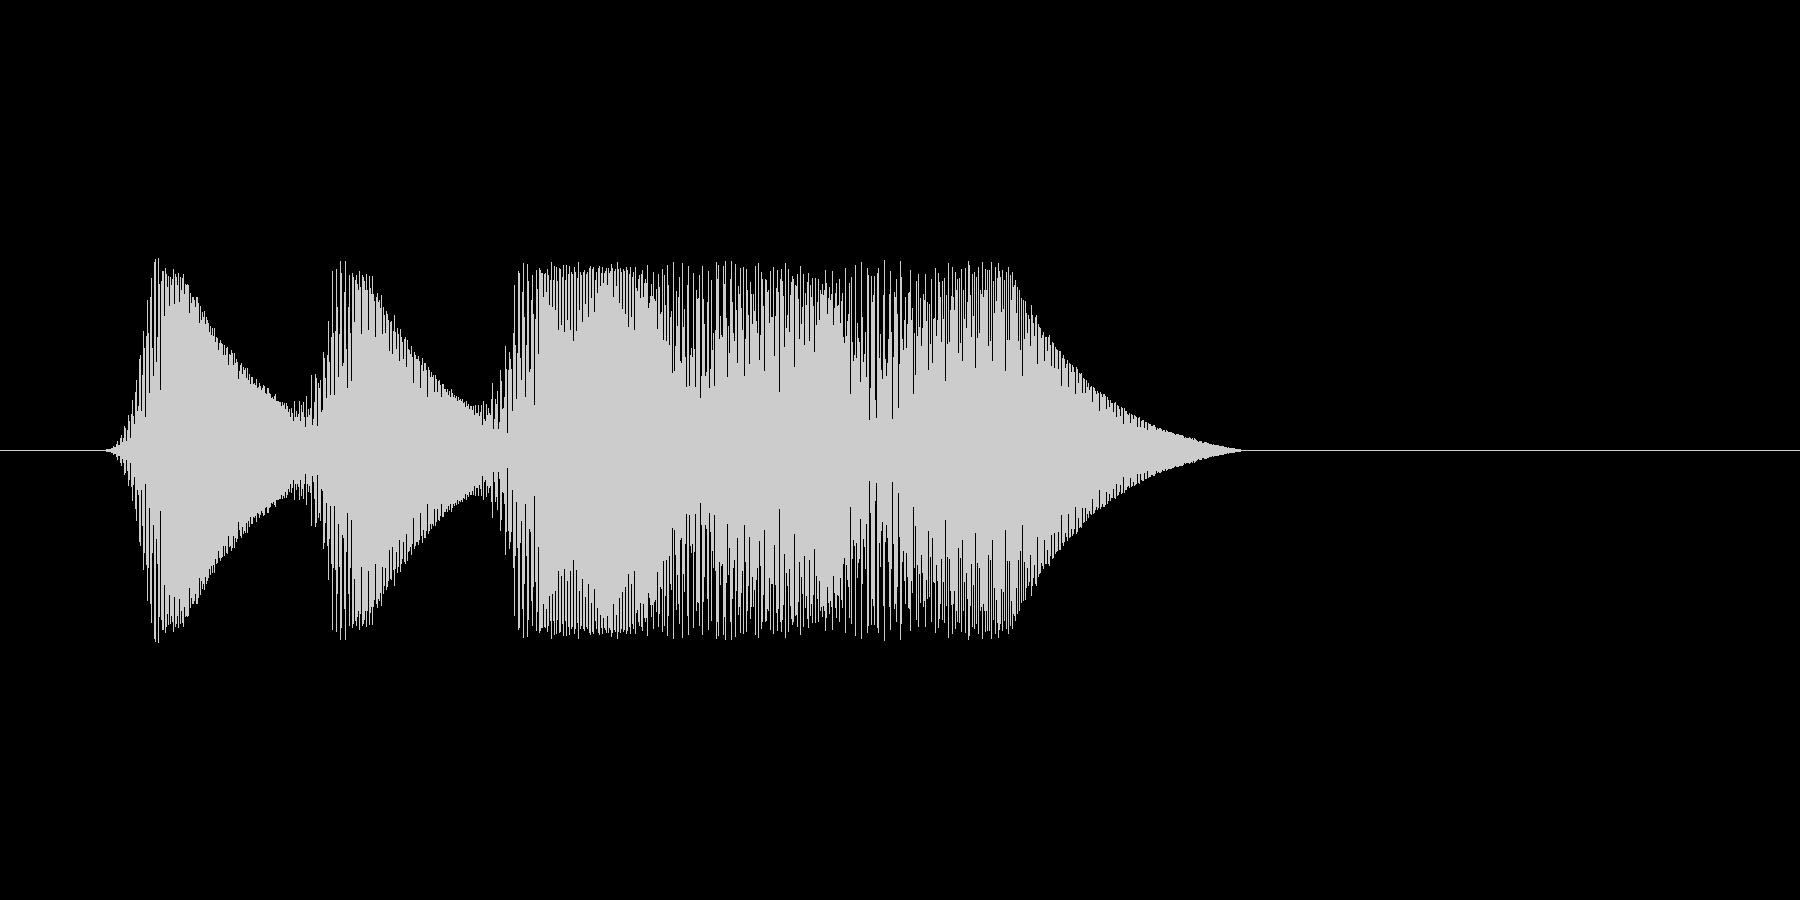 ファミコン風効果音 キャンセル系 06の未再生の波形